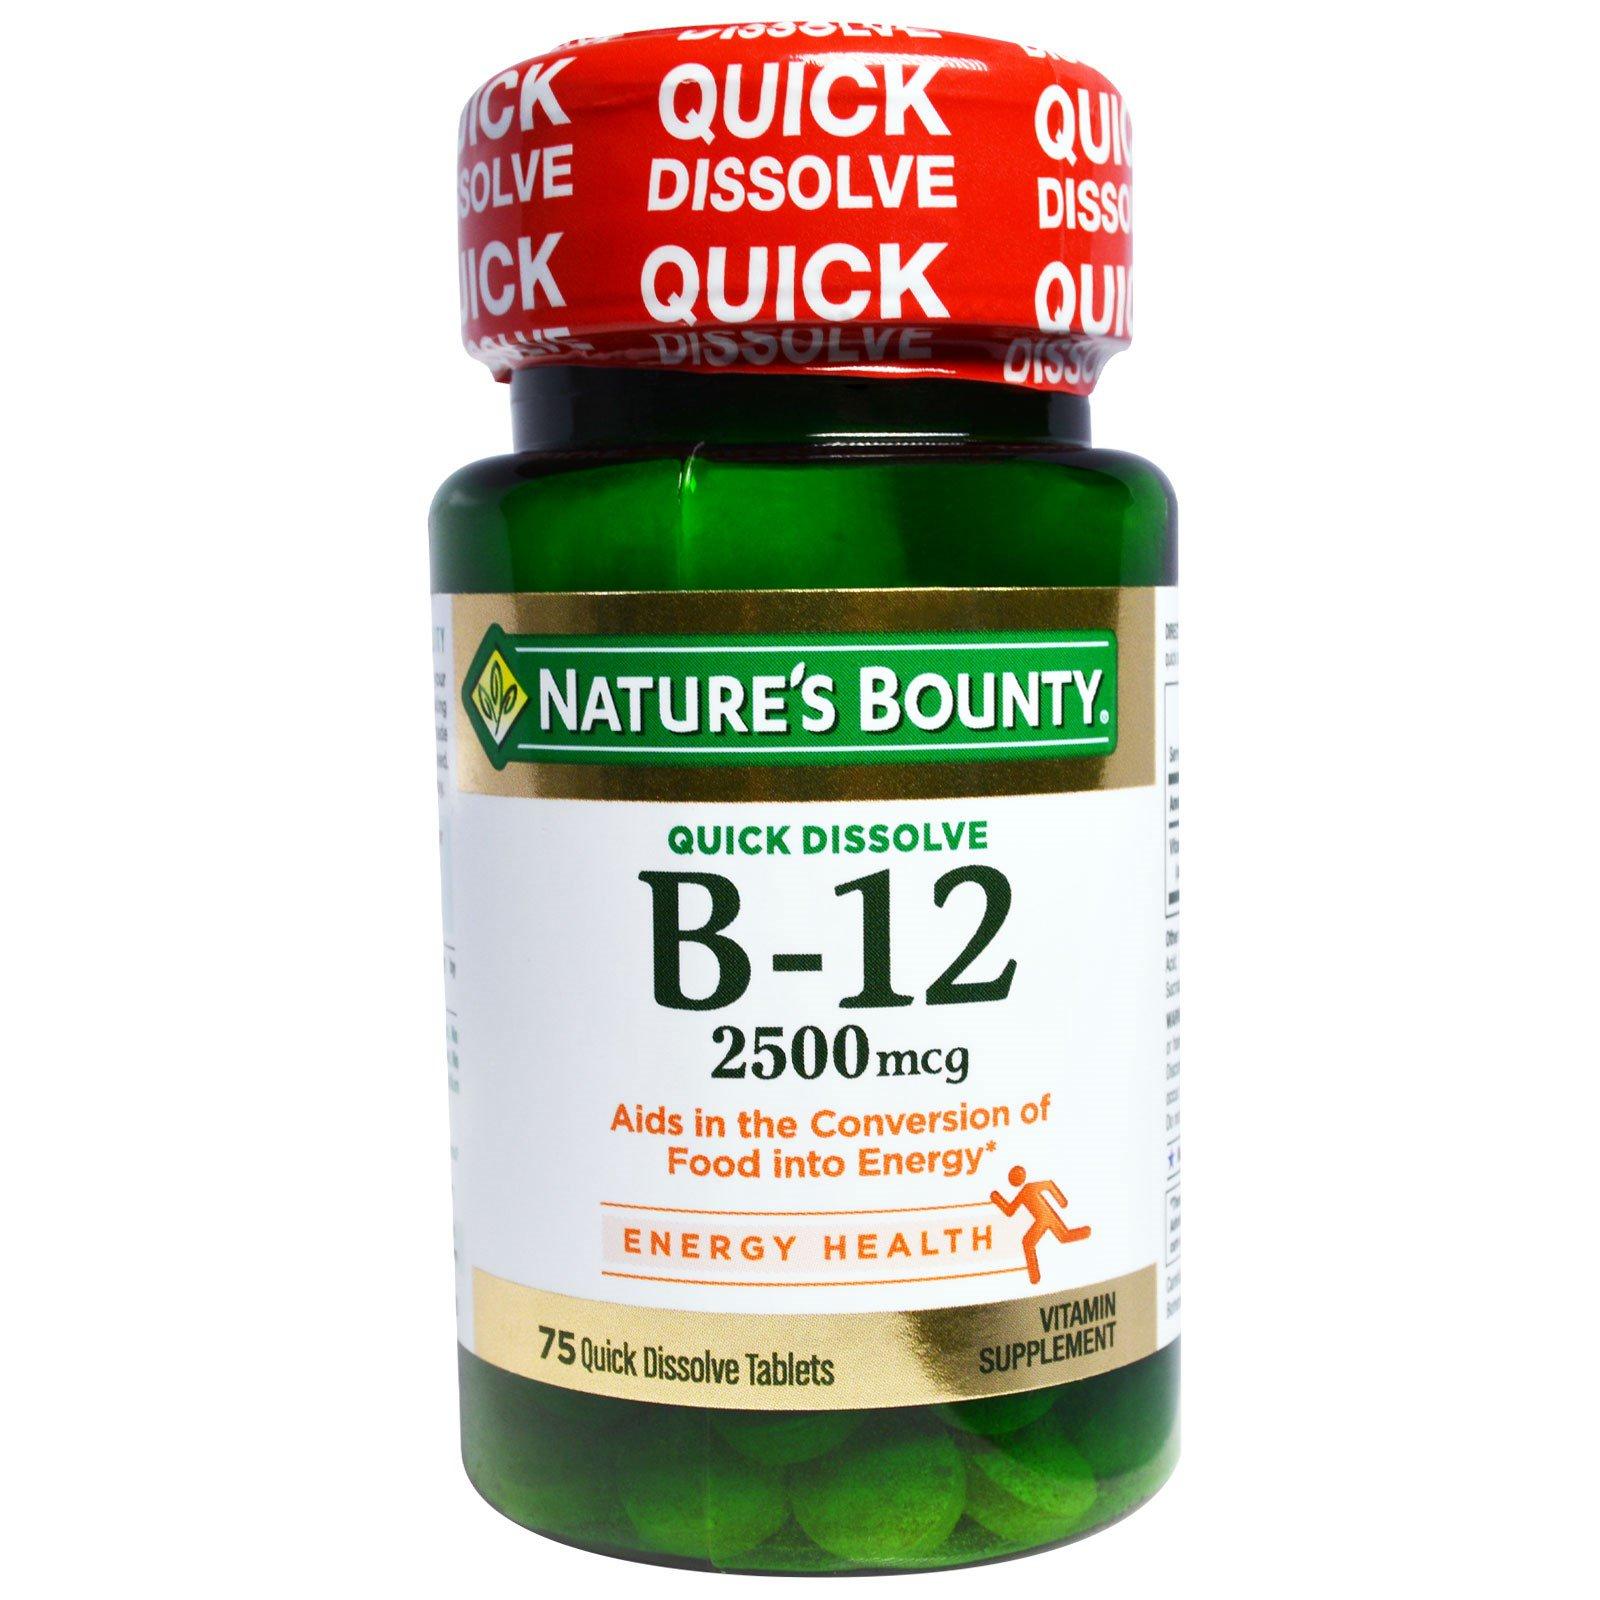 Nature's Bounty, B-12, натуральный вишневый вкус, 2500 мкг, 75 быстрорастворимых таблеток